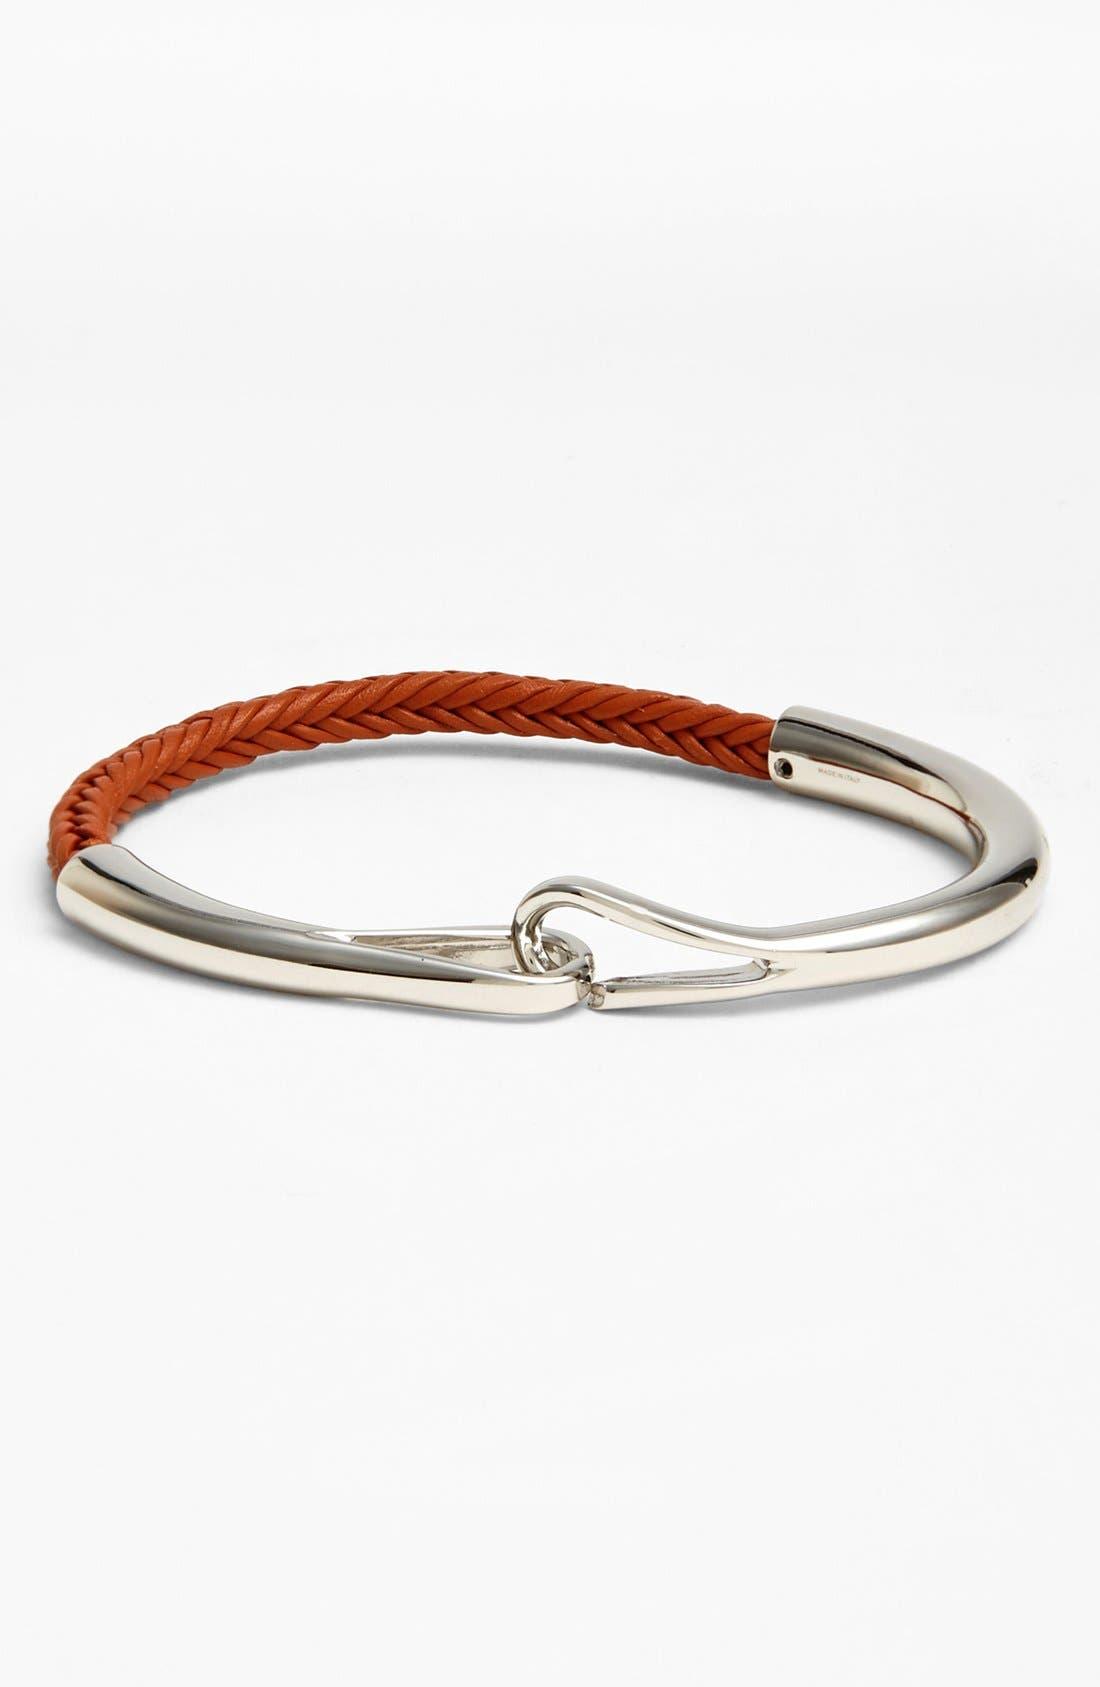 Alternate Image 1 Selected - Salvatore Ferragamo Leather Bracelet